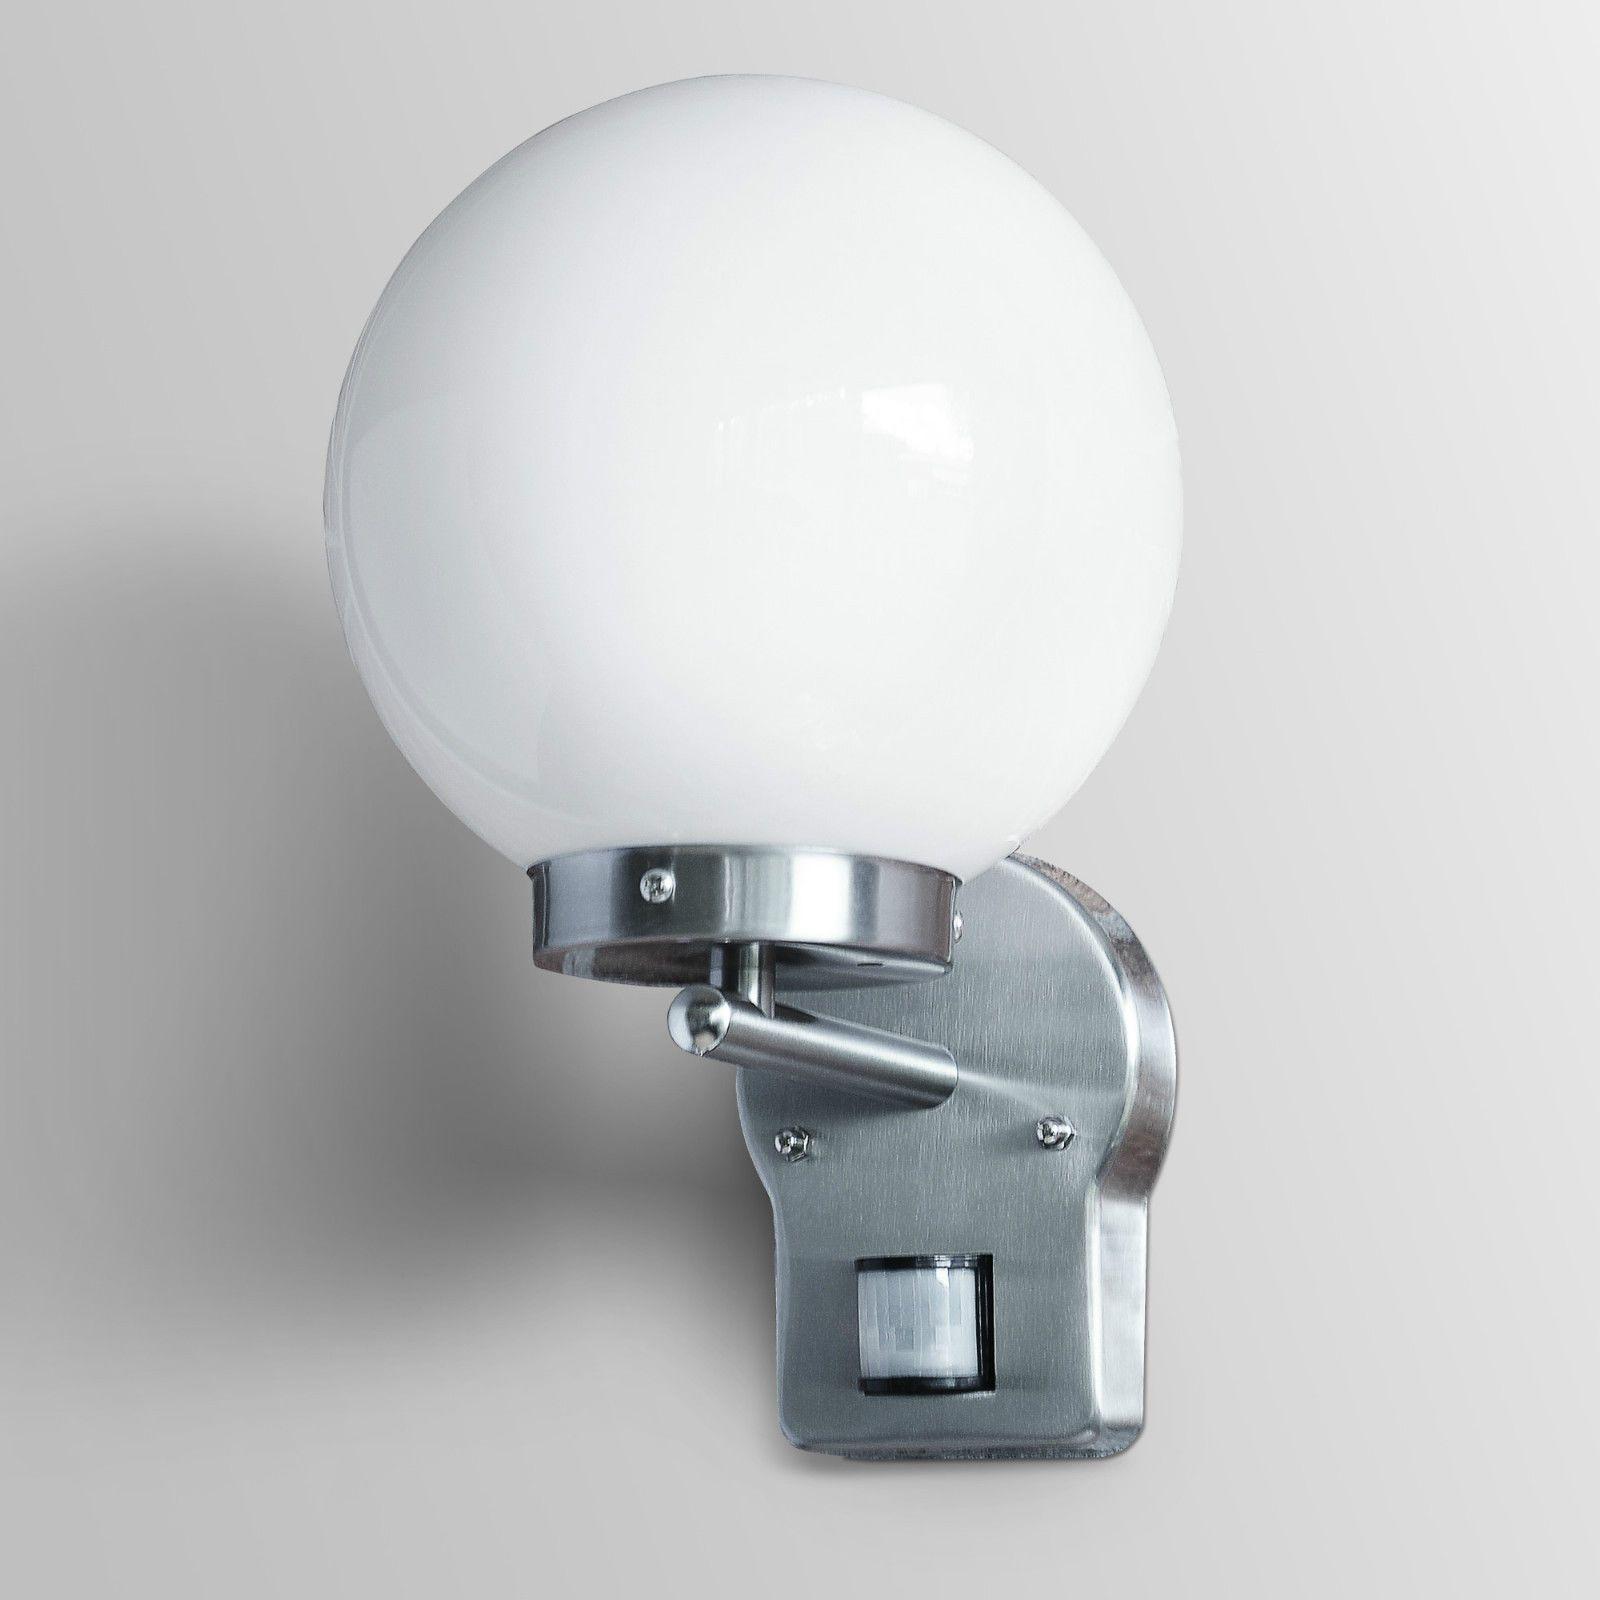 6deadd147092c07cecd689d7e270d226 Schöne Led Lampen E27 60 Watt Dekorationen